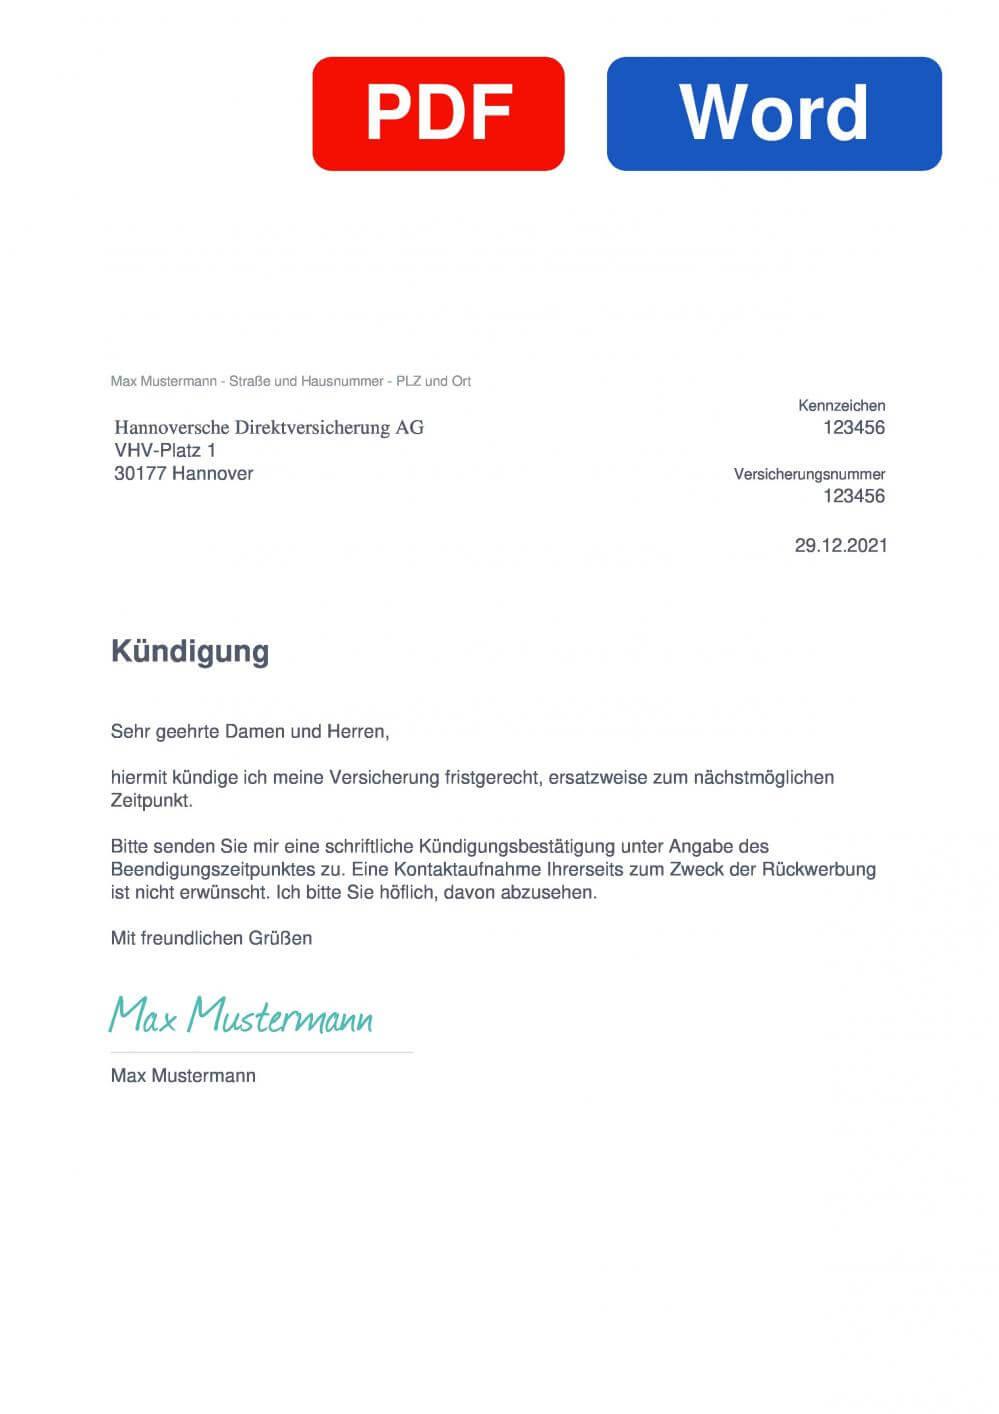 Hannoversche KFZ-Direktversicherung Muster Vorlage für Kündigungsschreiben